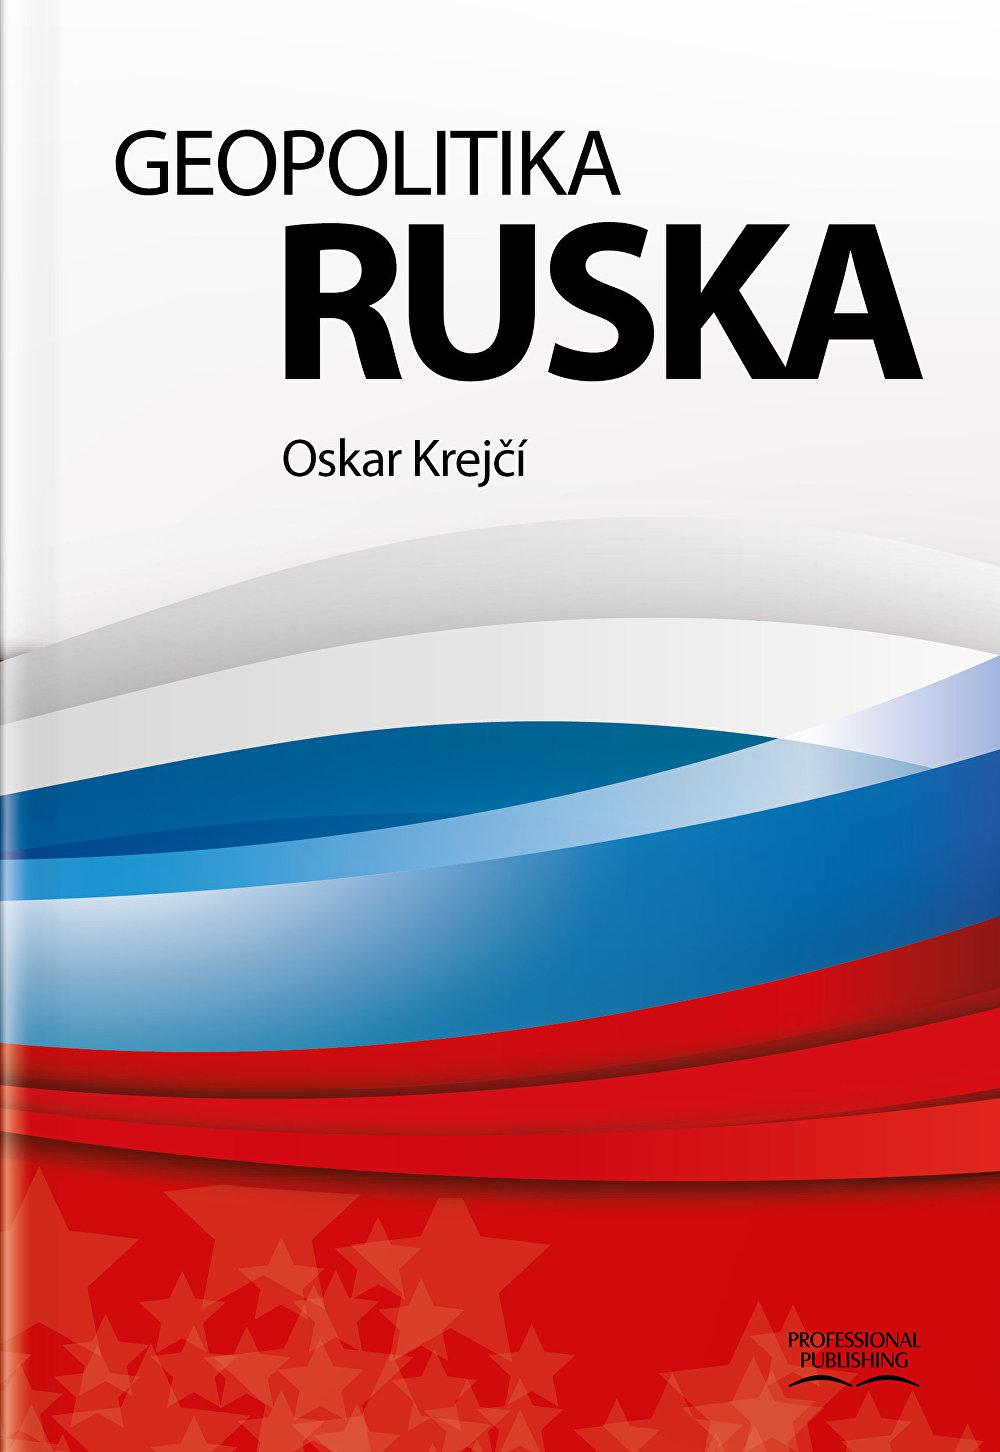 Obálka knihy od Oskara Krejčího Geopolitika Ruska